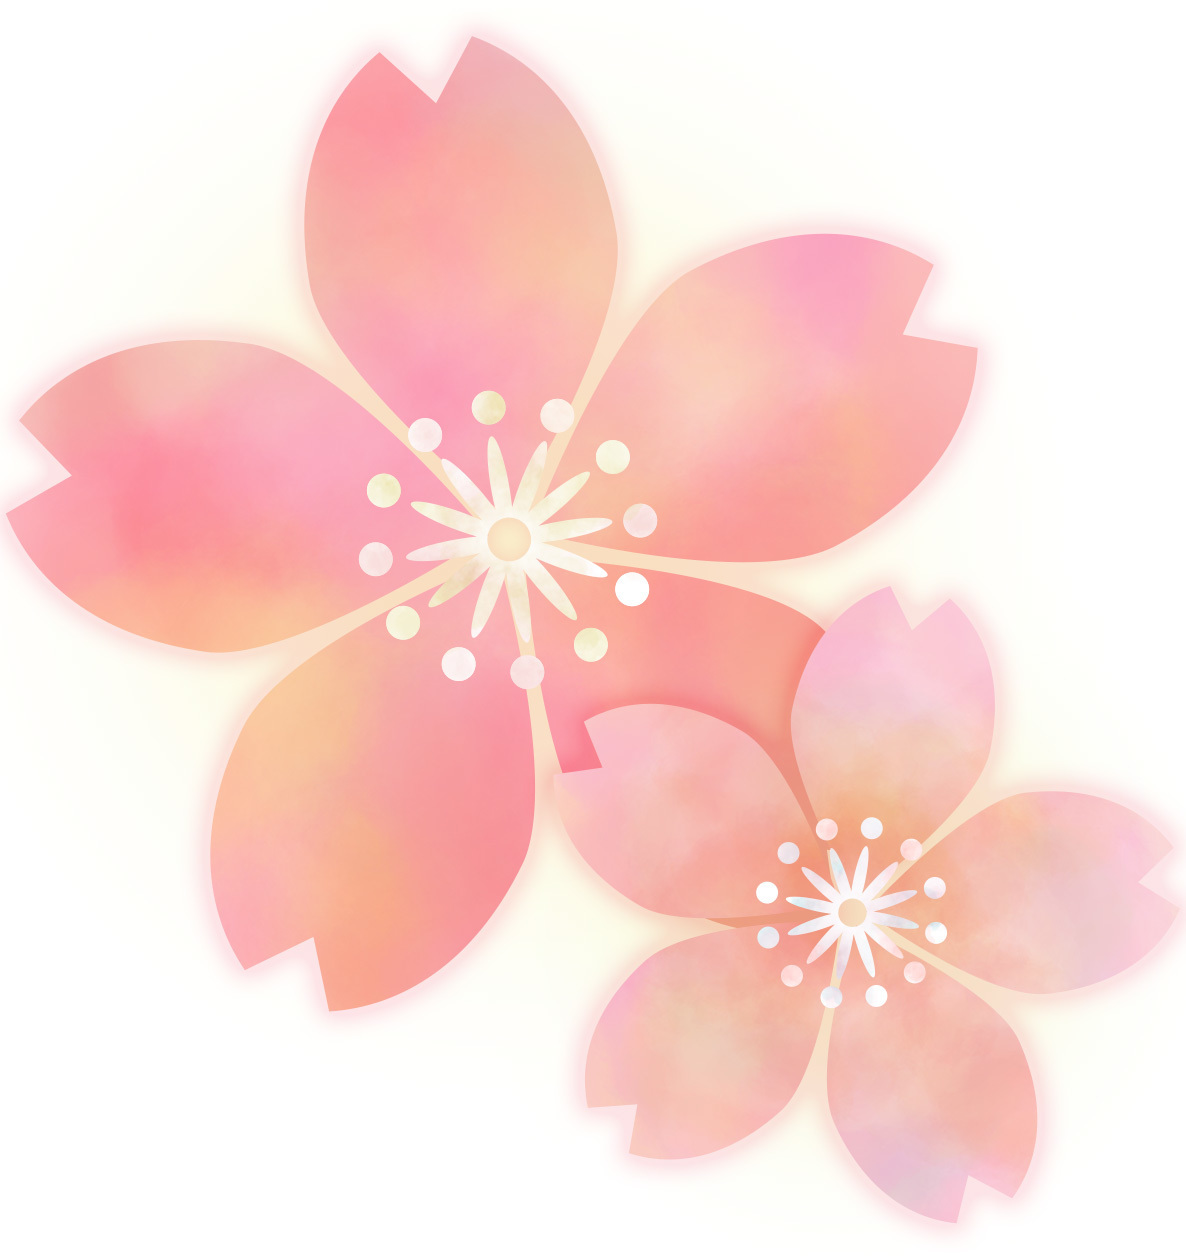 季節」のイラスト: (3) sozai navi